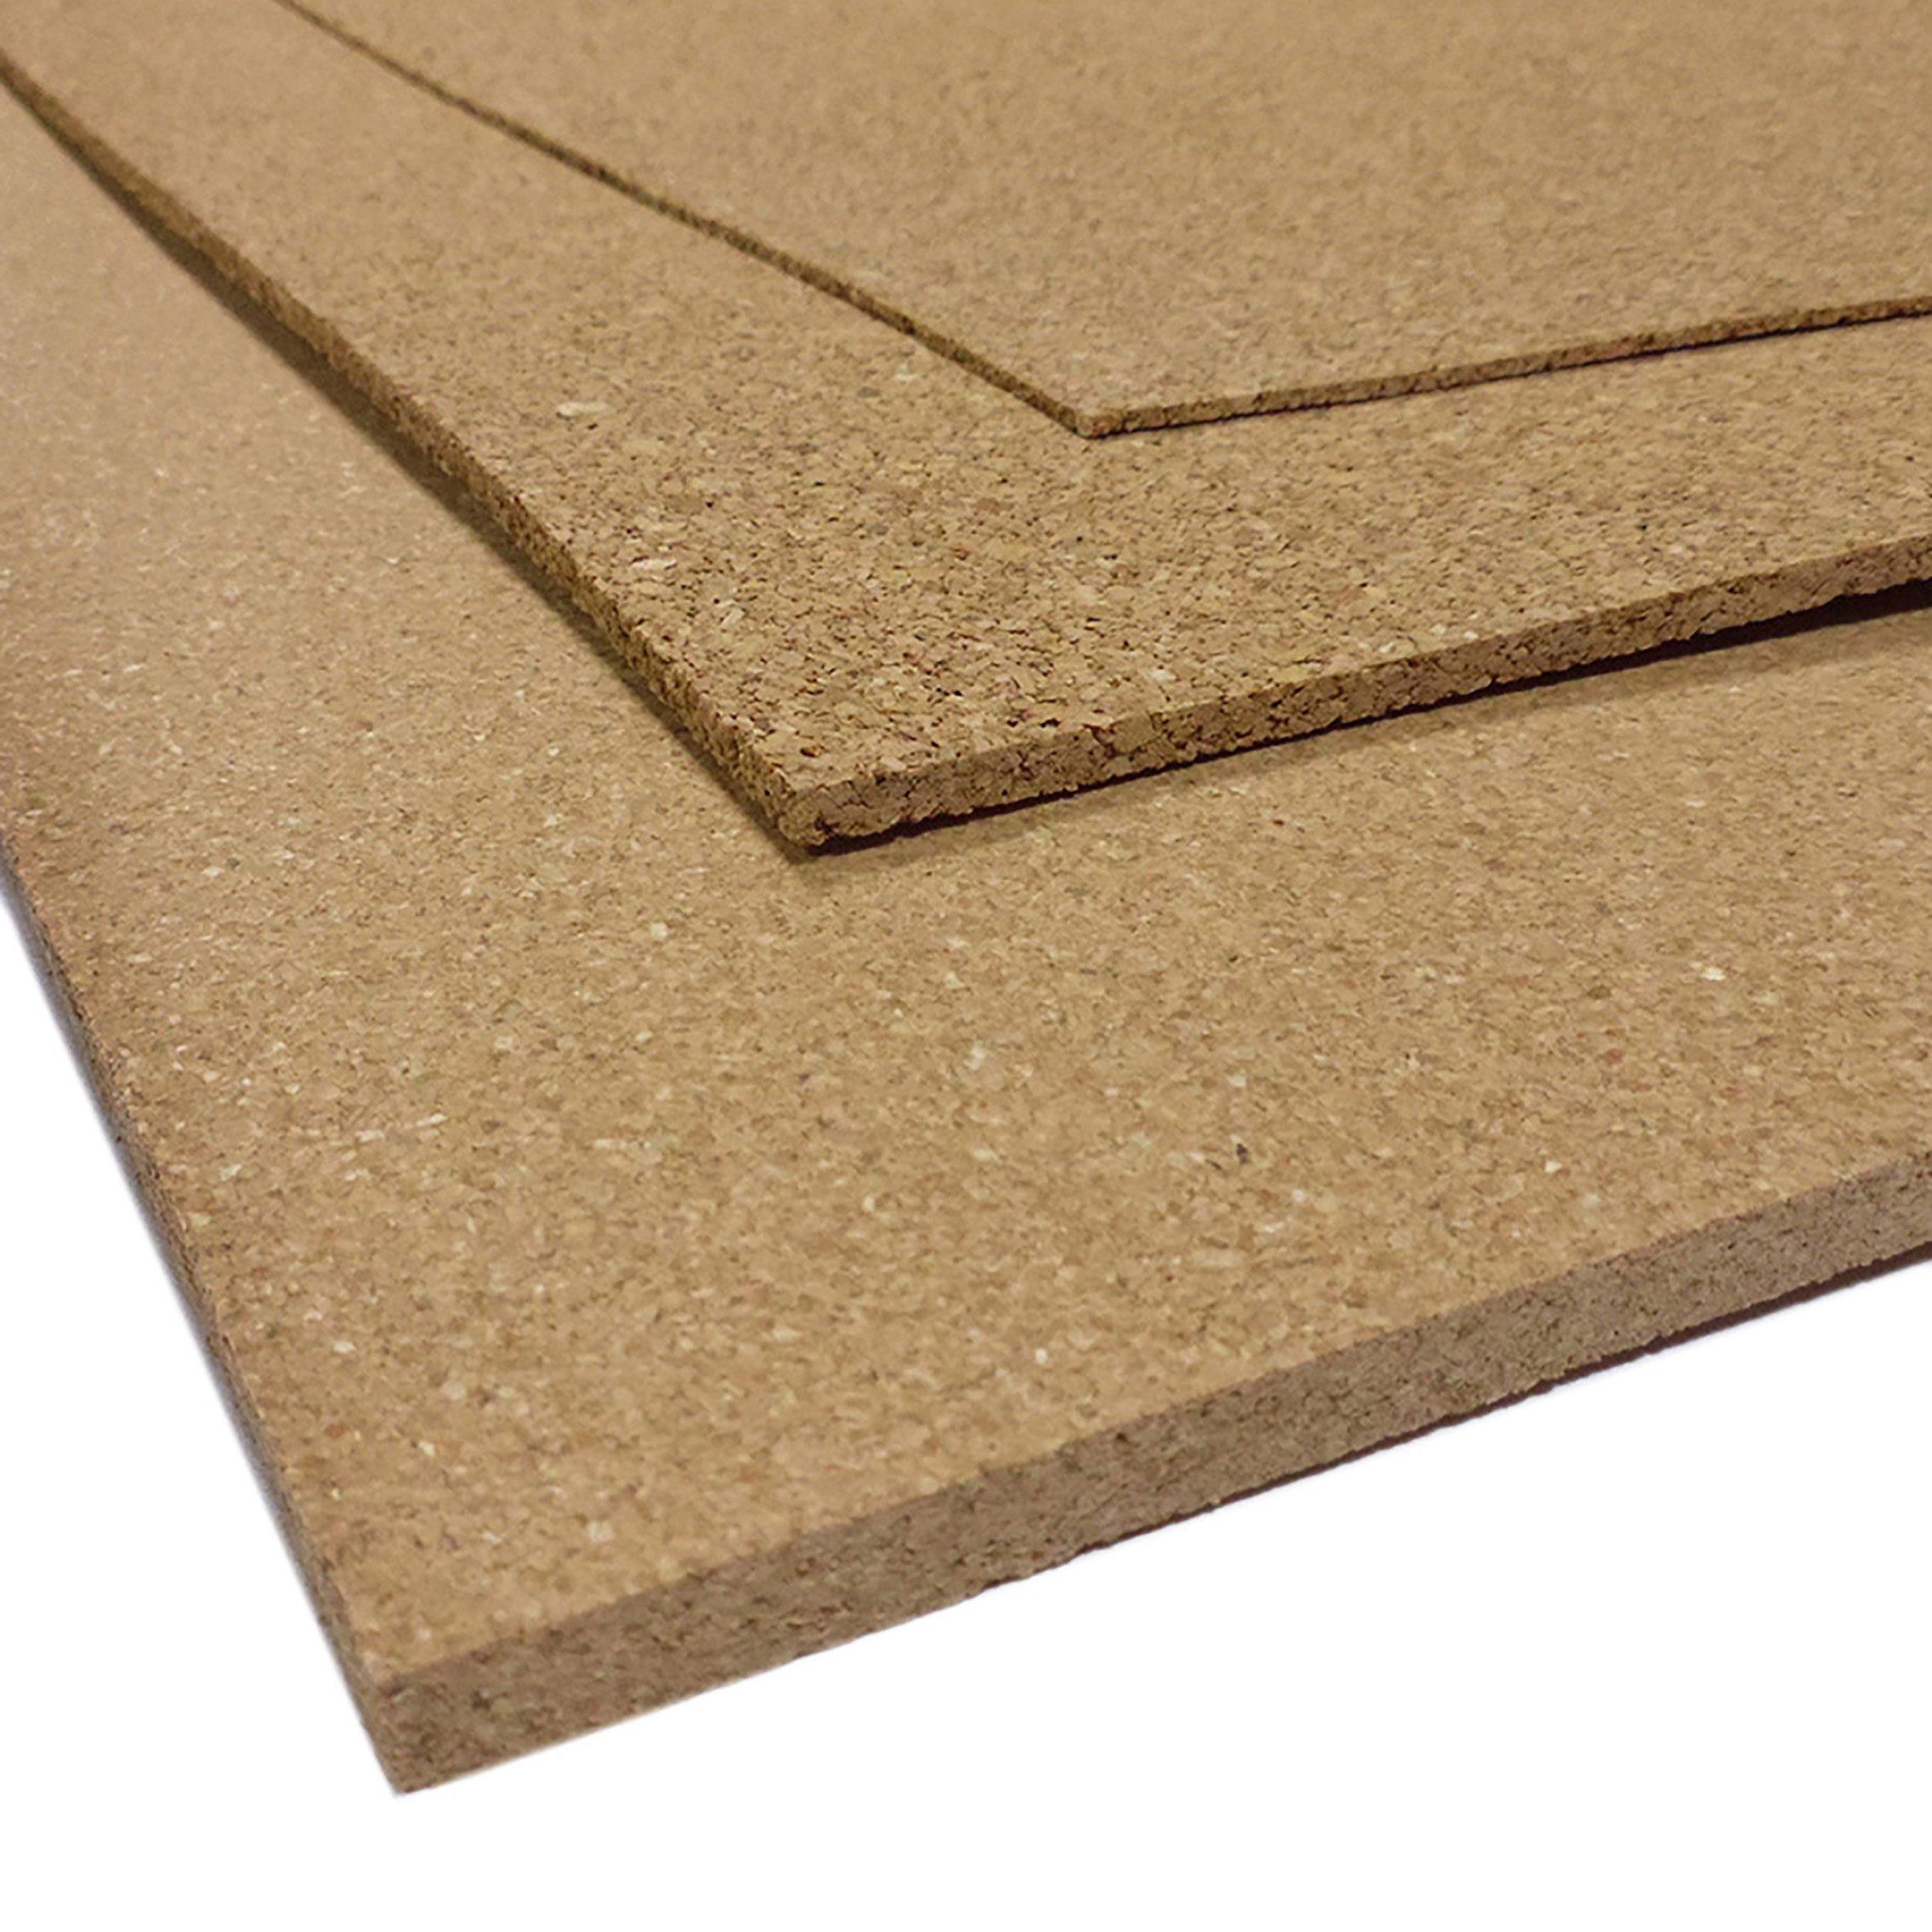 6mm Cork Underlayment Sheets 300sqft 100417625 Floor And Decor